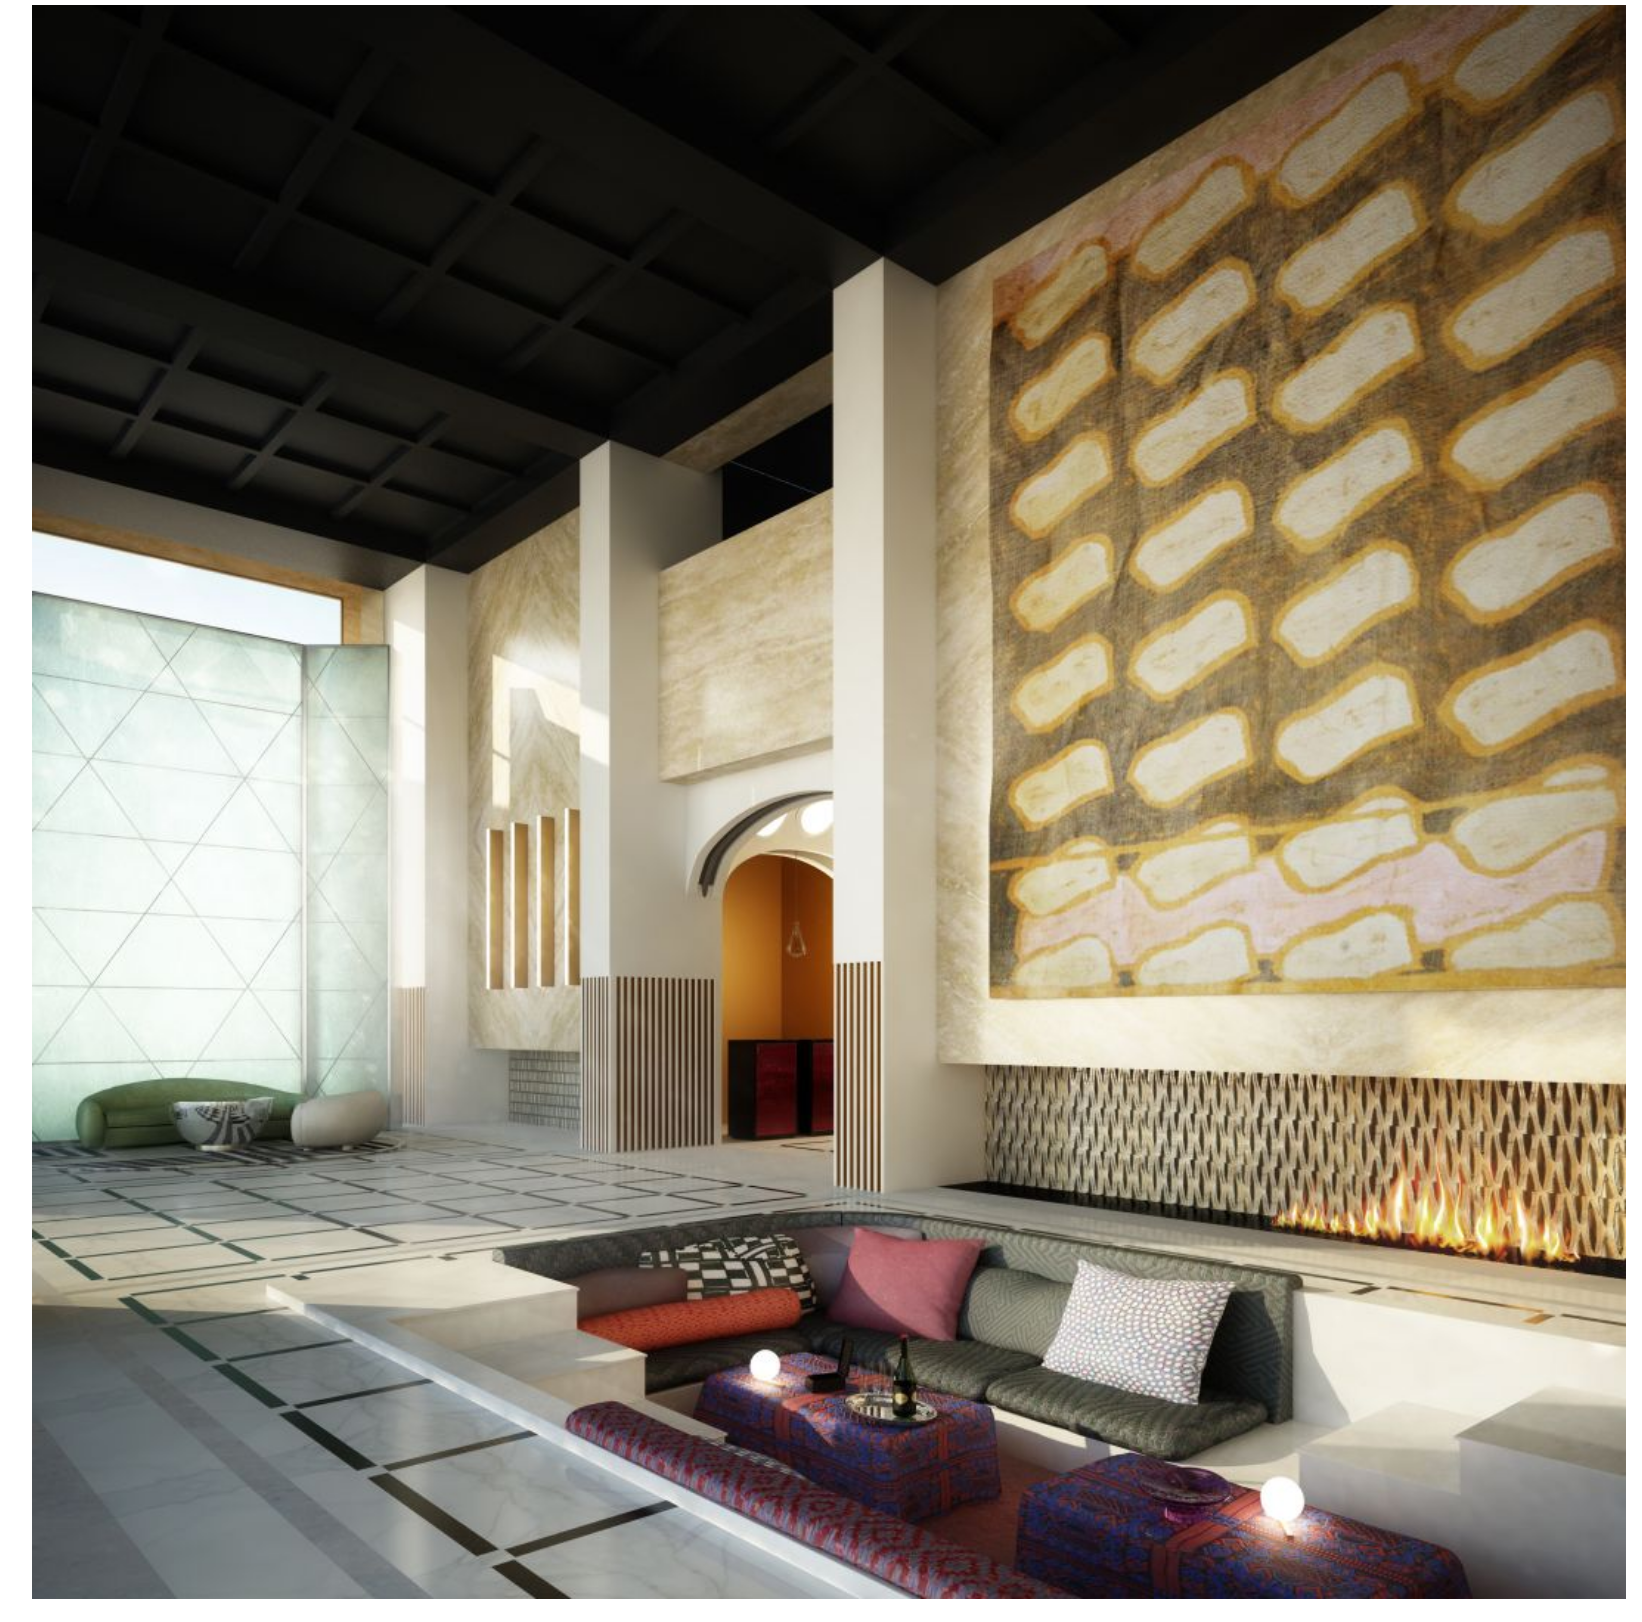 Étude d'aménagement intérieur présentée par Tristan Auer dans le cadre d'un récent projet hôtelier en Russie.